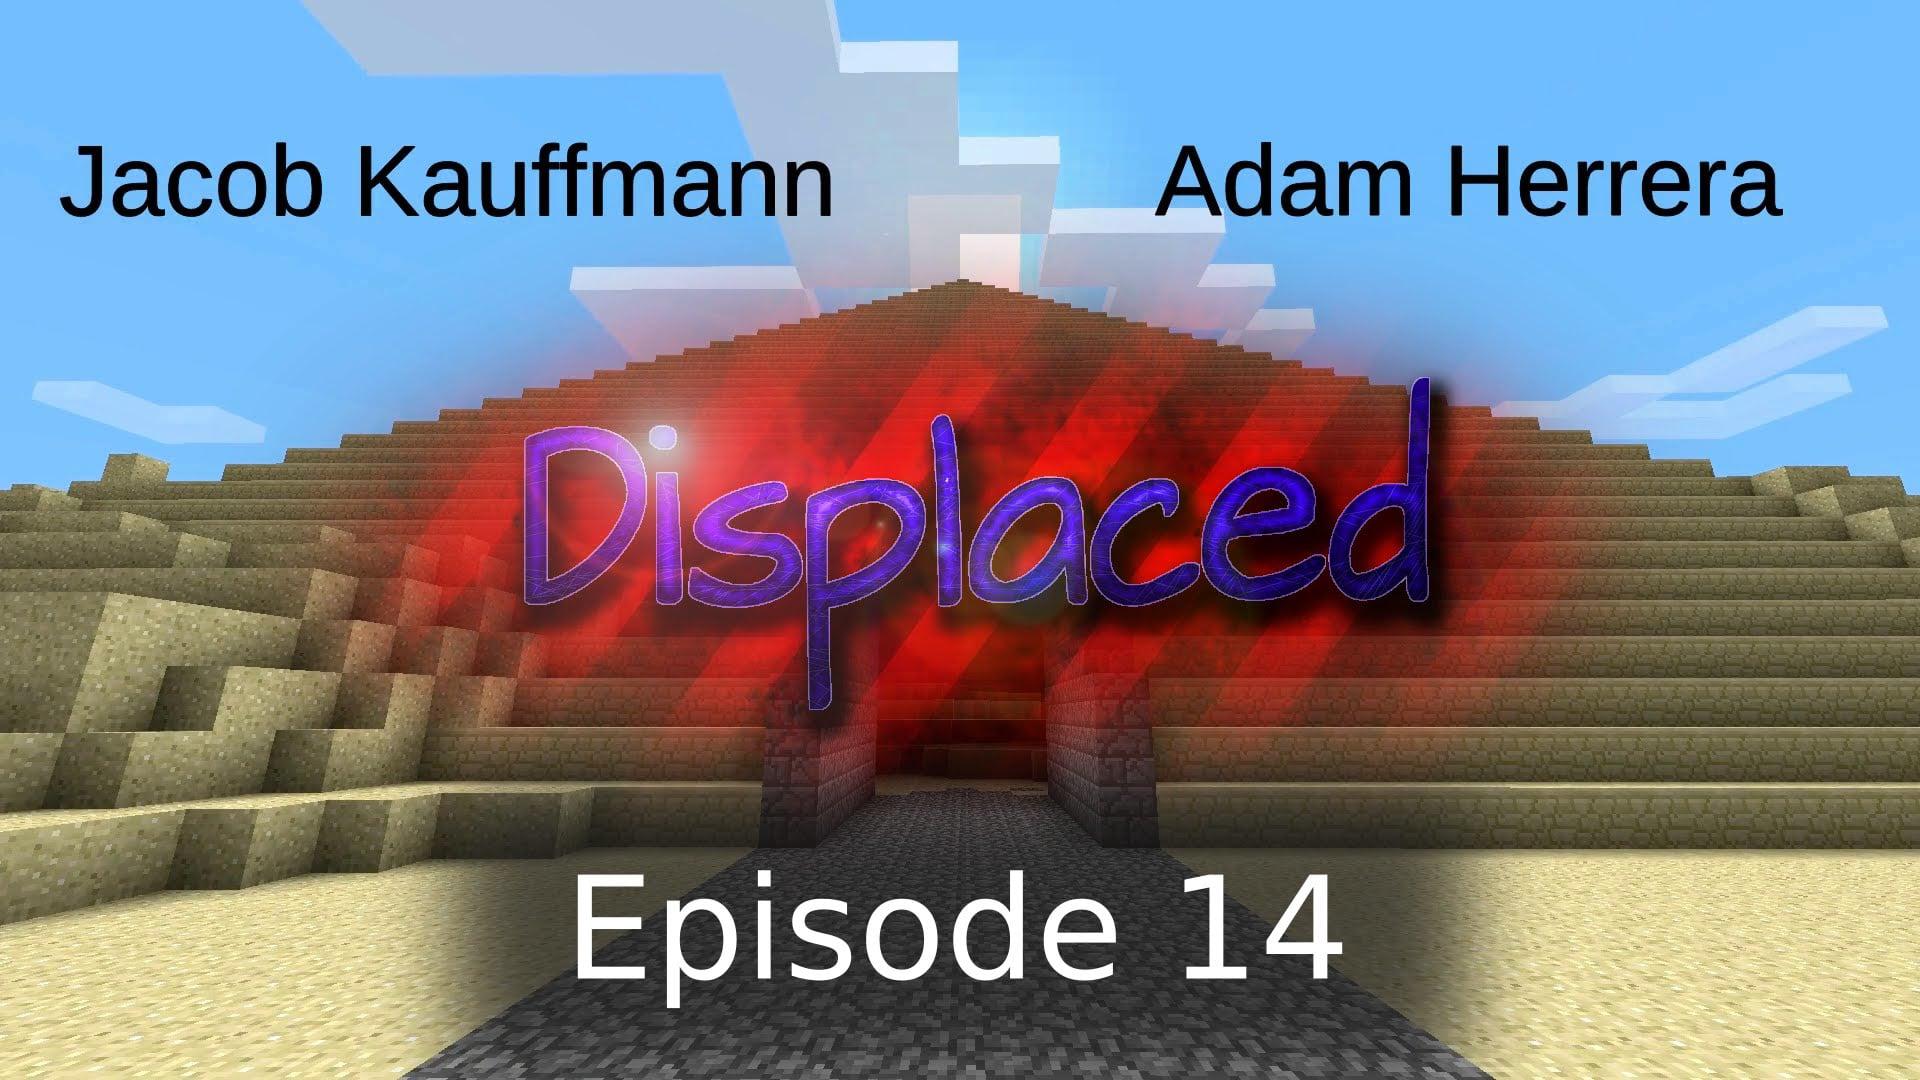 Episode 14 - Displaced